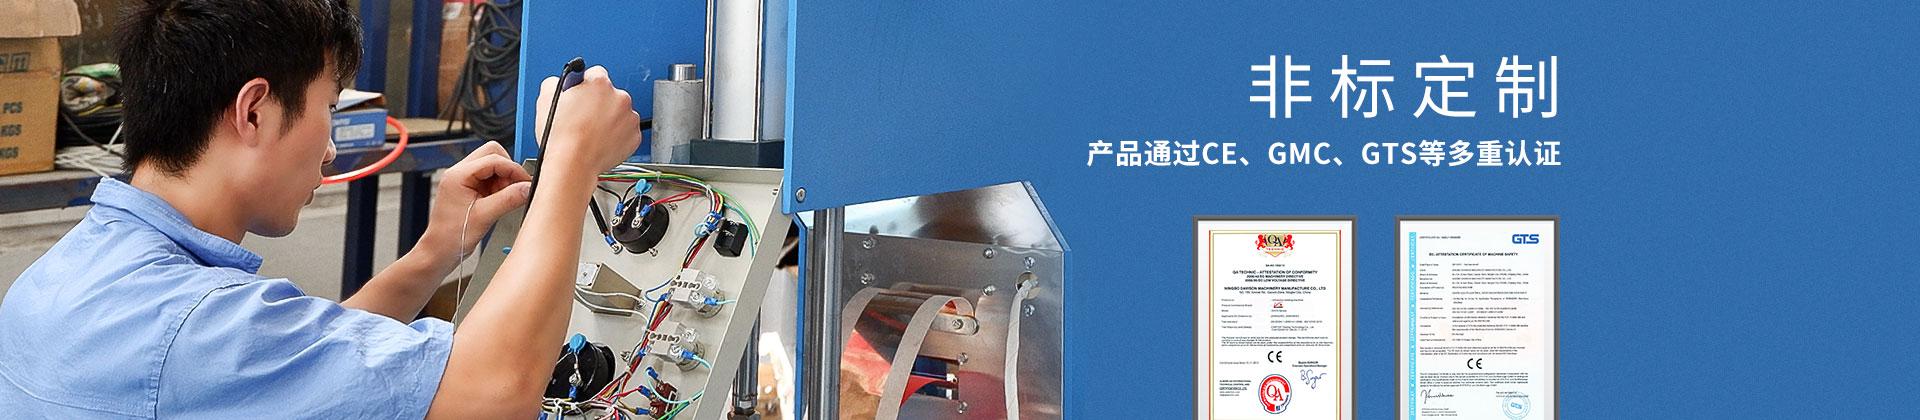 东雄产品通过CE GMC GTS 等多重认证